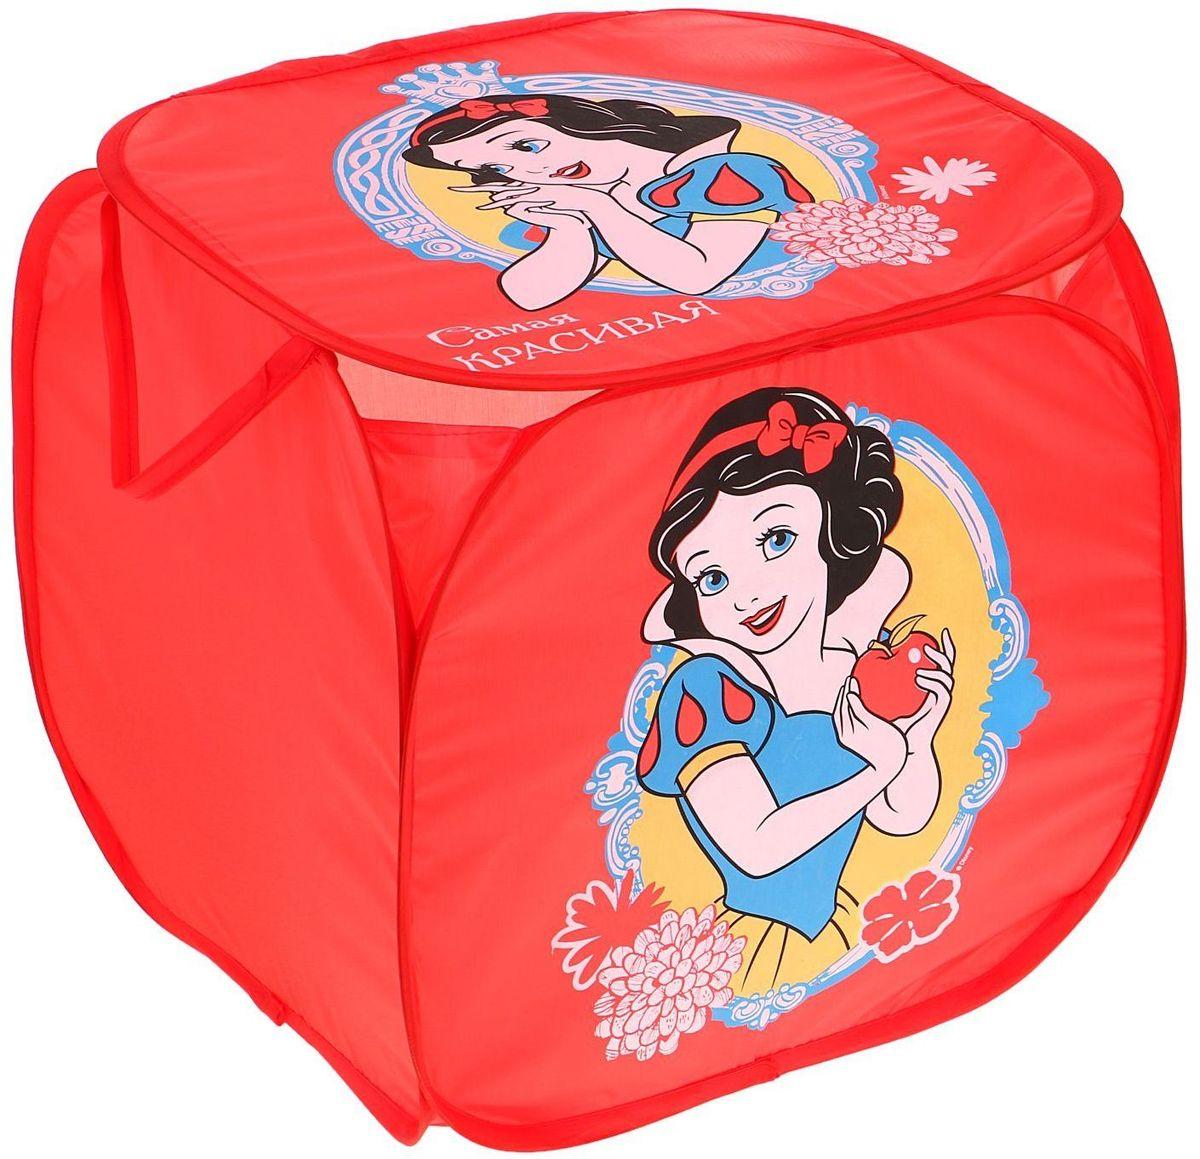 Disney Корзина для хранения Самая красивая Принцессы Белоснежка1298681С Disney уборка веселей! Квадратная корзина с героями любимого мультфильма приведёт ребёнка в восторг: малыш сам будет прибирать игрушки без лишних напоминаний! Изделие дополнено двумя ручками, за которые куб можно подвесить или перемещать с места на место. Крышка с красочным изображением известного персонажа Disney защитит содержимое корзины от пыли и других загрязнений.